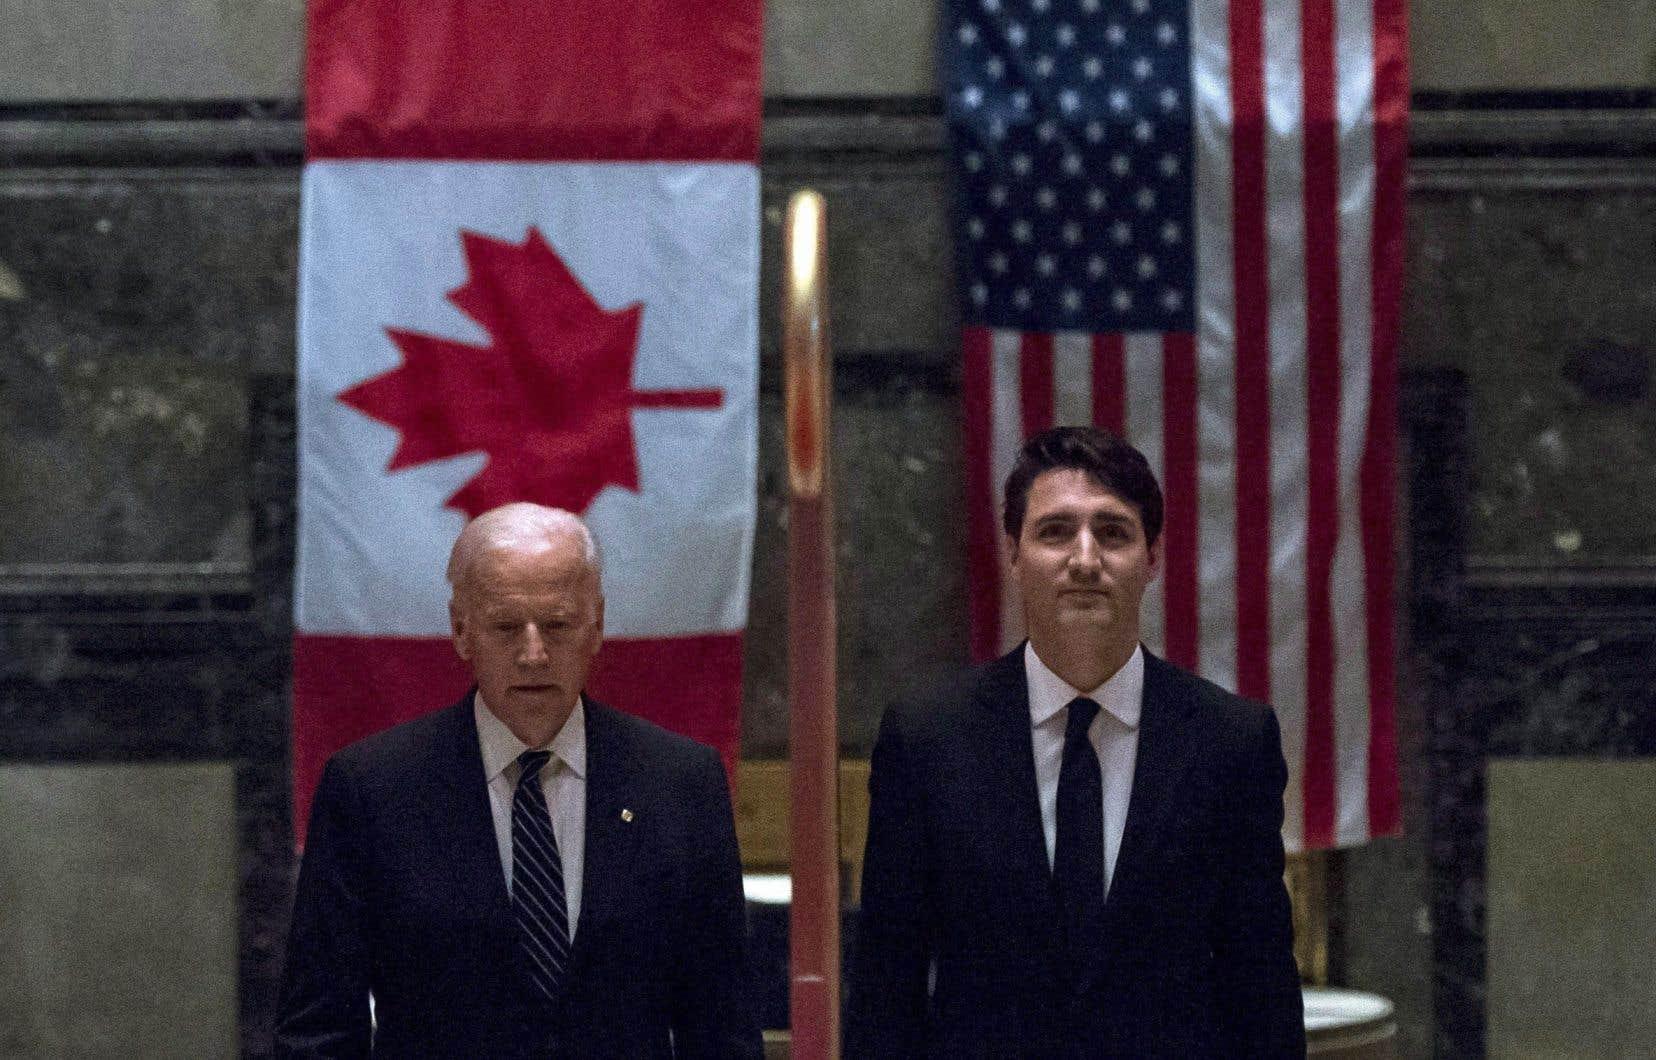 Le premier ministre Trudeau lors d'une rencontre avec Joe Biden, alors vice-président, en 2016.